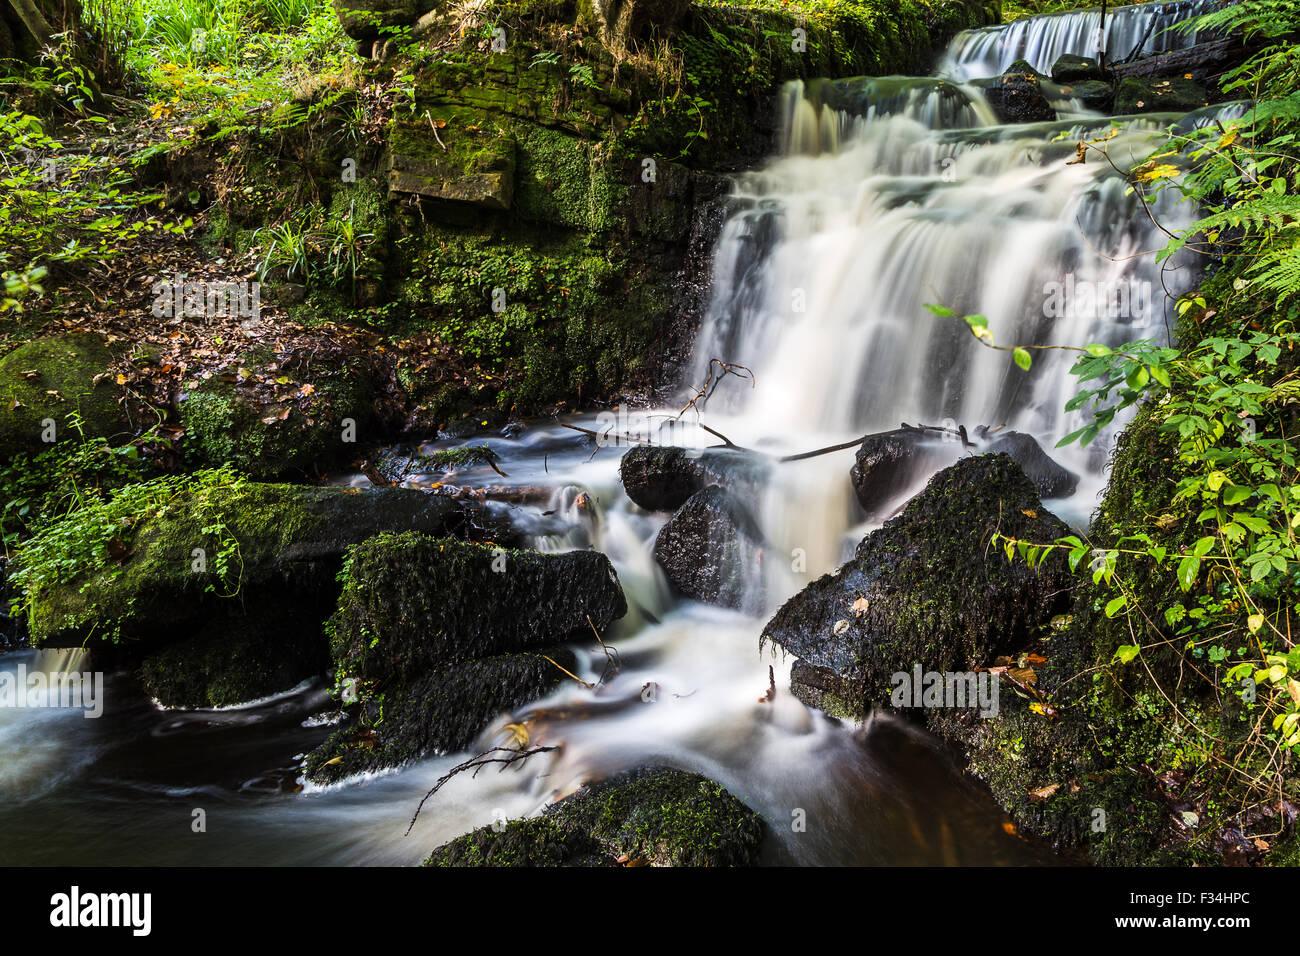 Vu la cascade le long de la vallée de Rivelin Sentier nature près de Sheffield. Banque D'Images